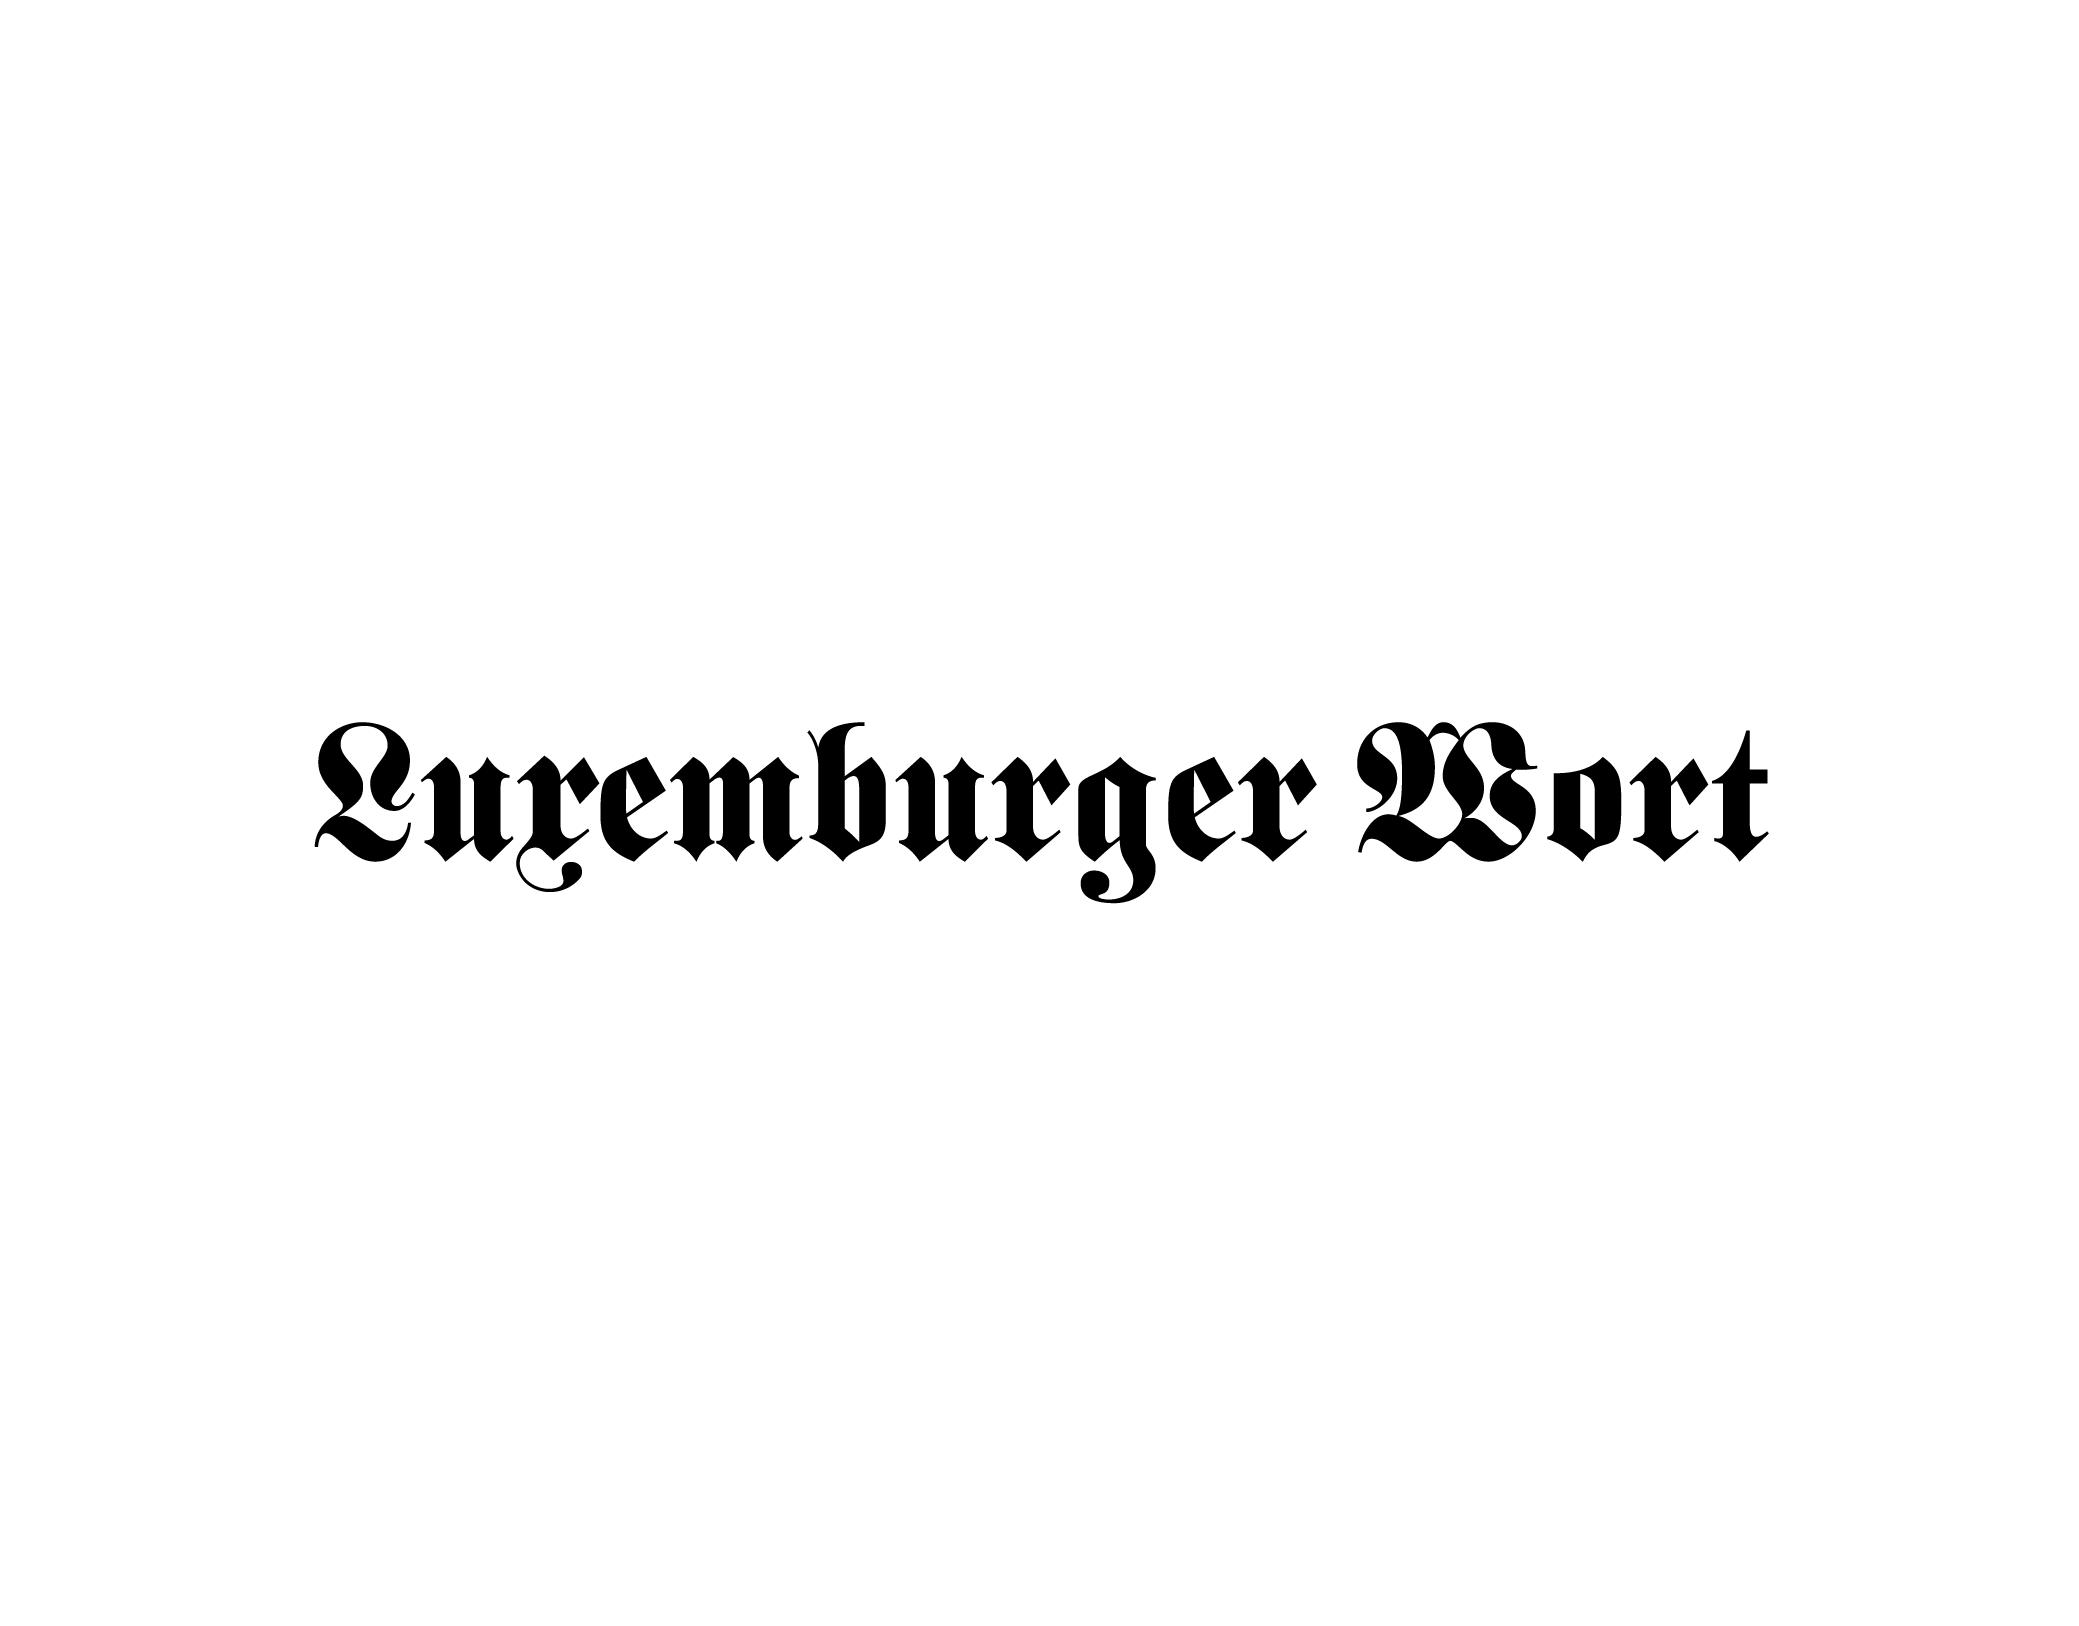 Mit Einrichtungsprofis Ferienwohnungen erfolgreicher vermieten   Luxemburger Wort, April 2021